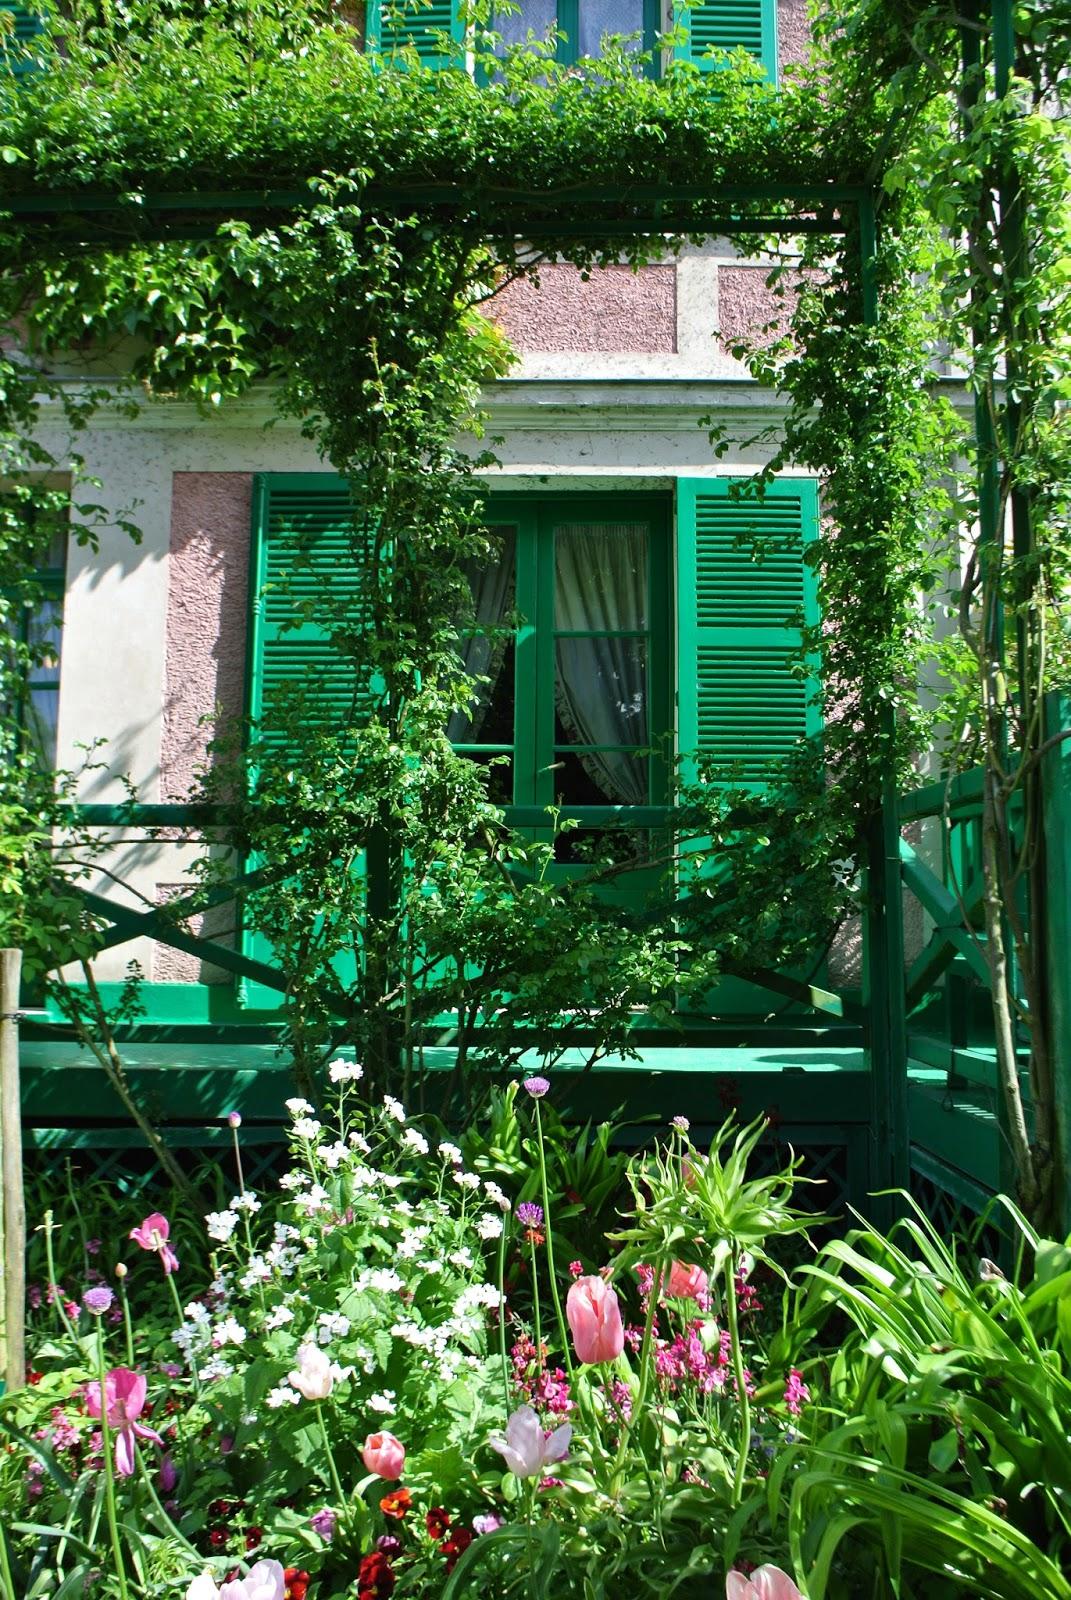 Le blog de gabrielle aznar la maison et les jardins de for Les jardins de lea